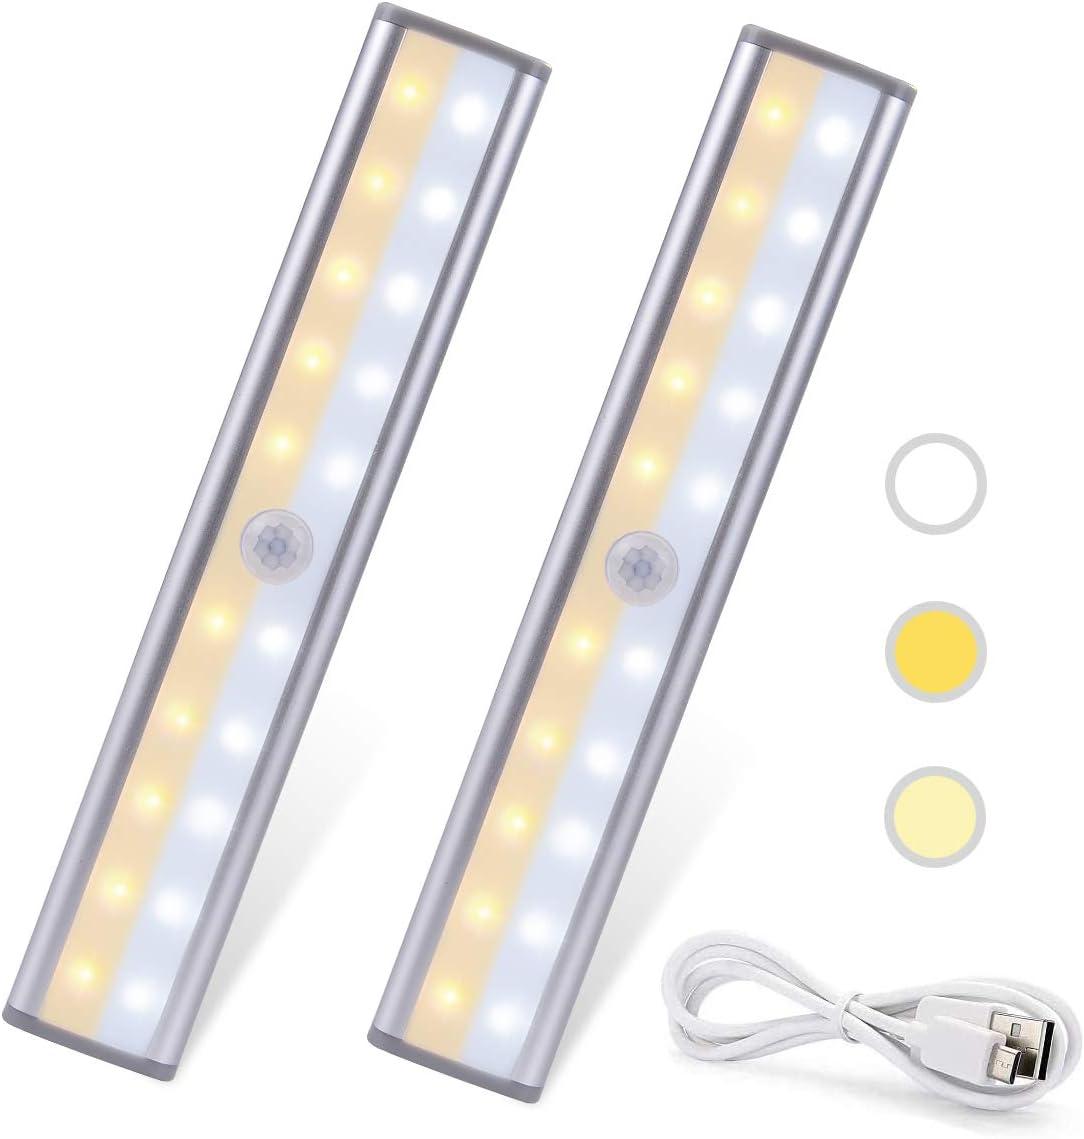 Lámpara de Guardarropa Lámpara de Gabinete de Pared 3 Colores 20 LED Luz Nocturna de 2 Filas Lámpara Recargable de USB Pega Magnética Lámpara Portátil Deportiva y Detectanda (2)